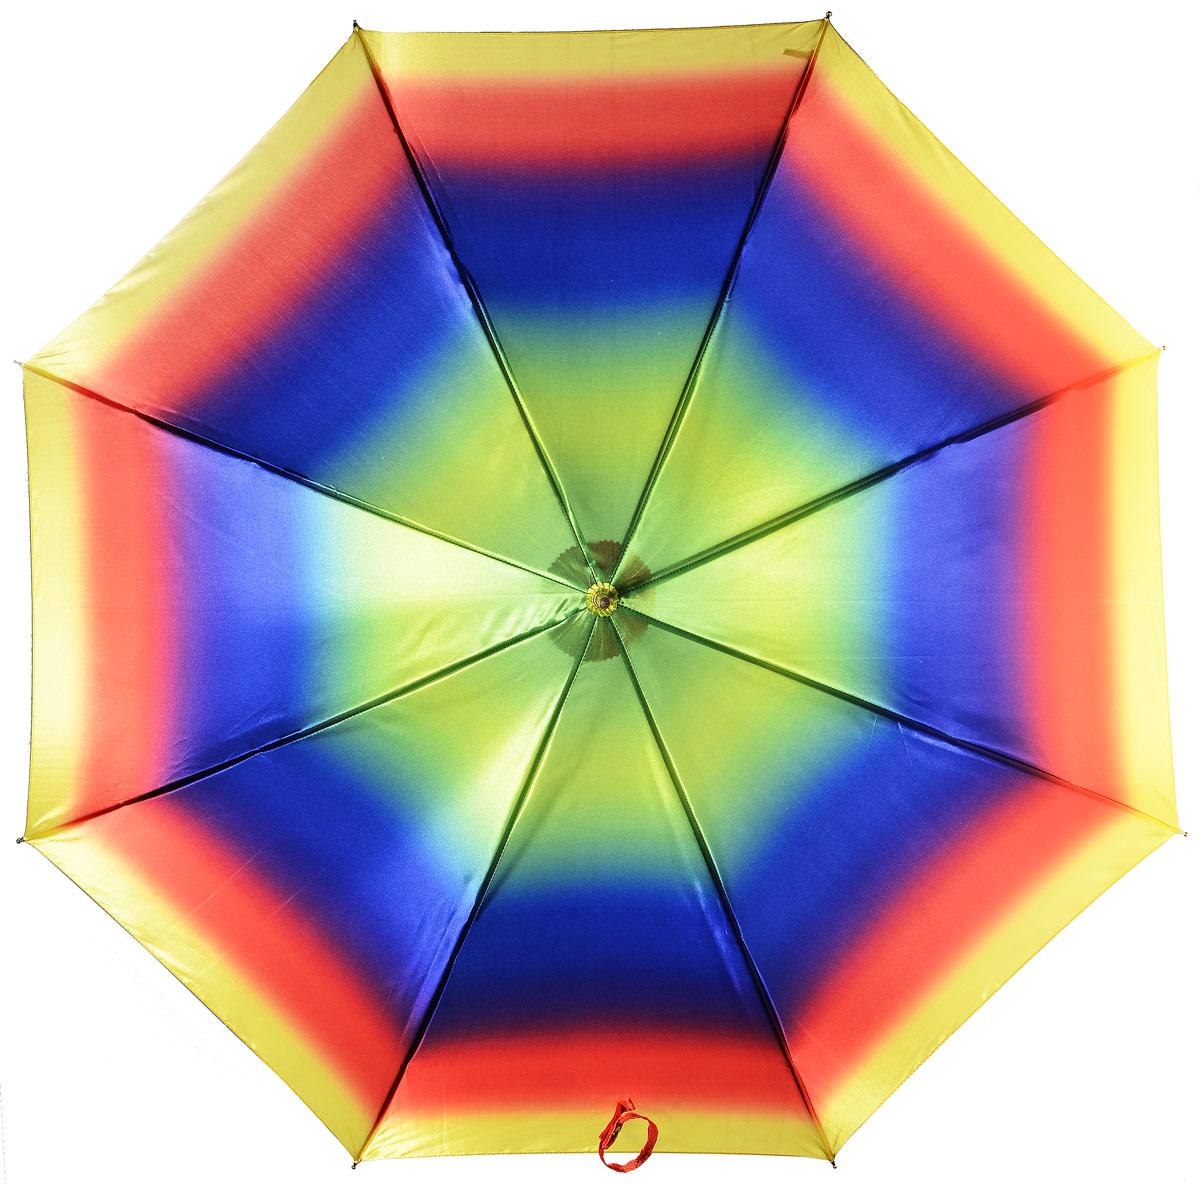 Зонт женский Henry Backer, цвет: мультиколор. U11201 RainbowU11201 RainbowЖенский зонт-трость «Радуга» с сатиновым куполом, мультиколор, автомат. Удобная ручка красивая, полупрозрачная. Большой купол отлично защищает от дождя. Каркас ветроустойчивый, выполнен из стали и фибергласса.